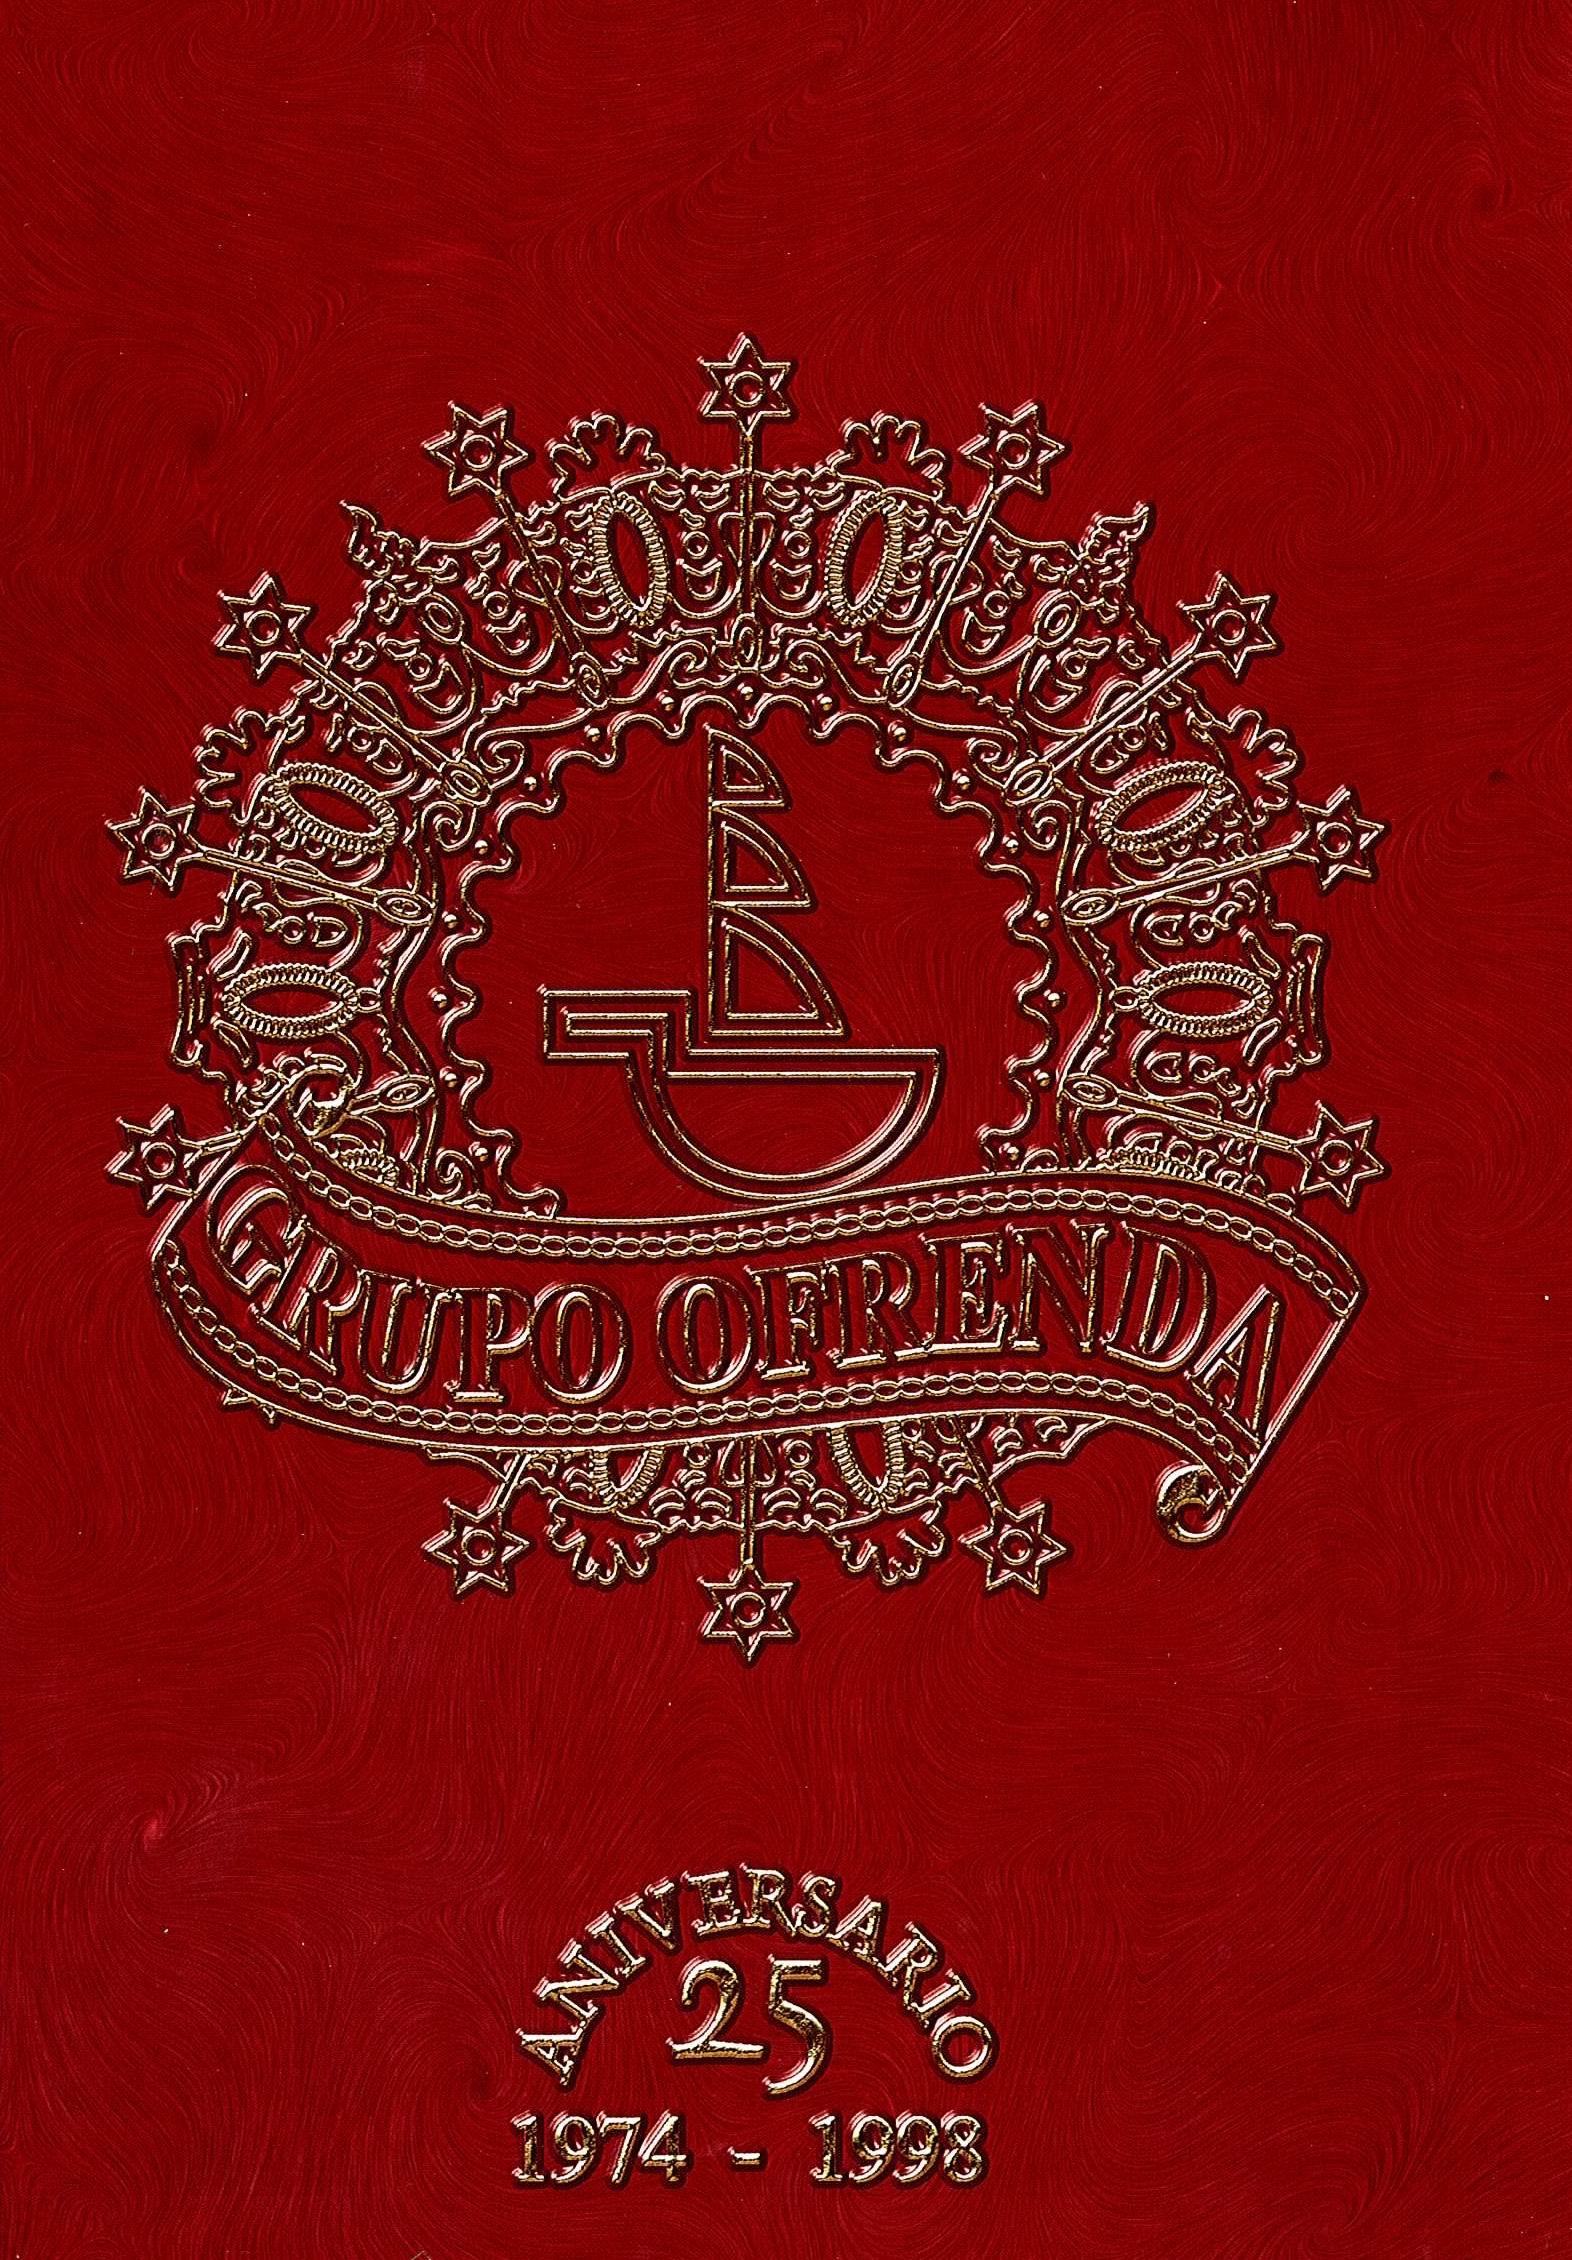 1998 - Libro 25 Aniversario Grupo Ofrenda - Portada